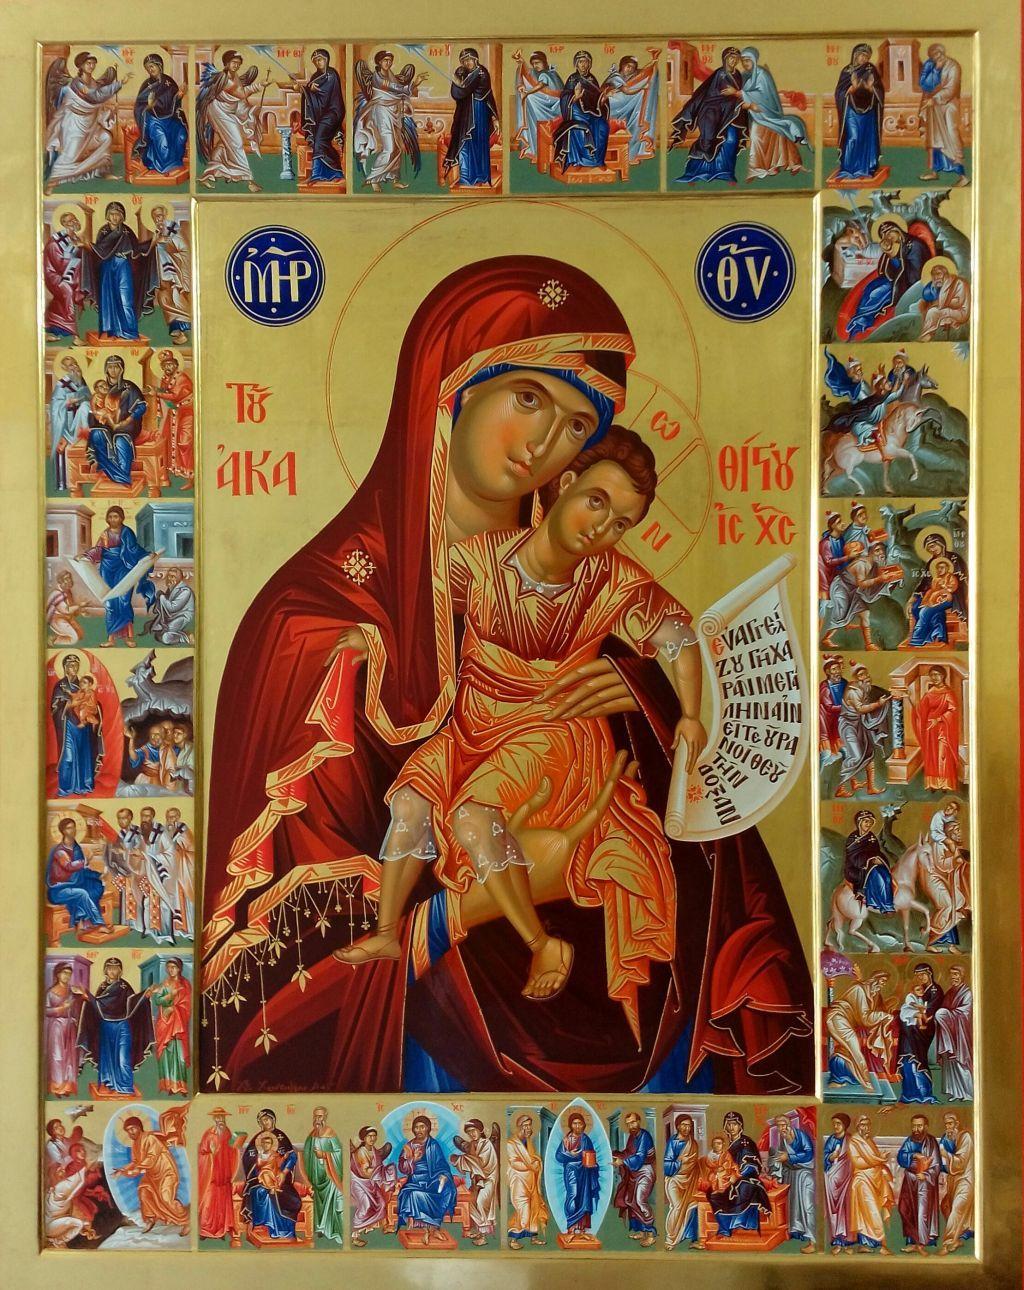 Παναγία του Ακαθίστου Ύμνου / Theotokos of the Akathist Hymn ...